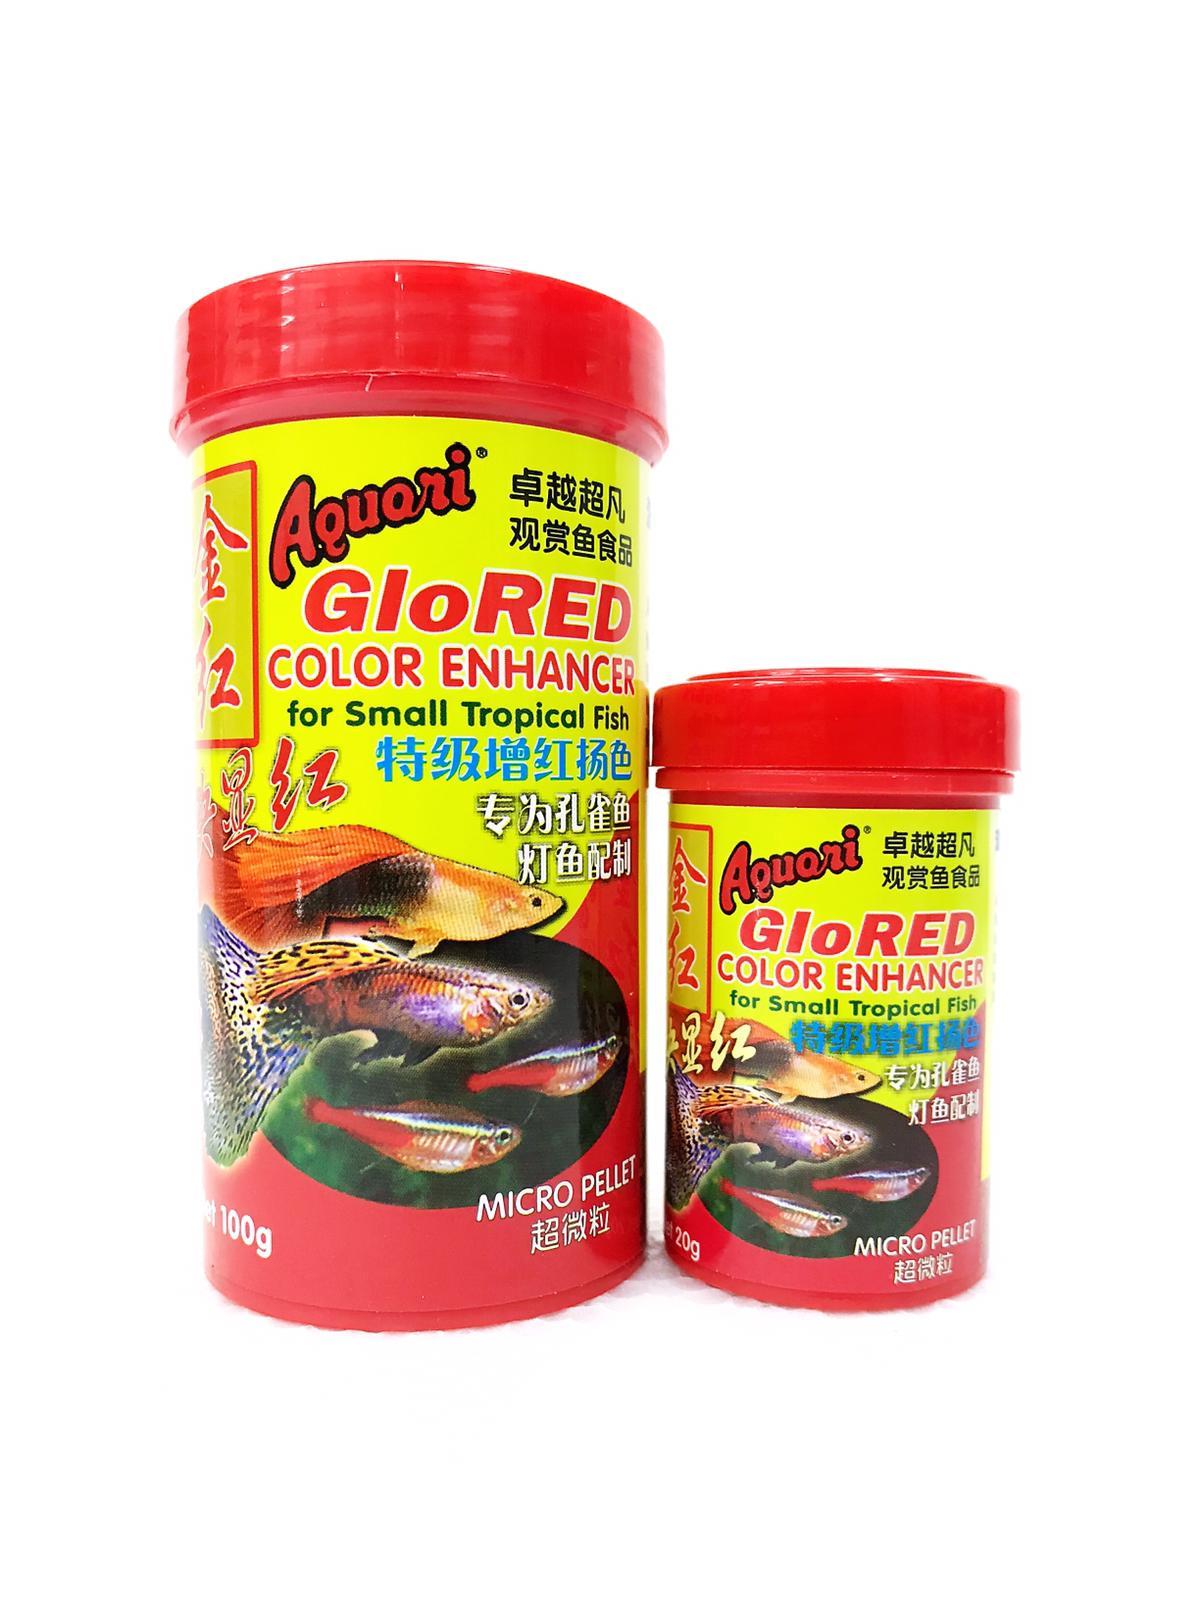 Aquori GloRED Color Enhancer